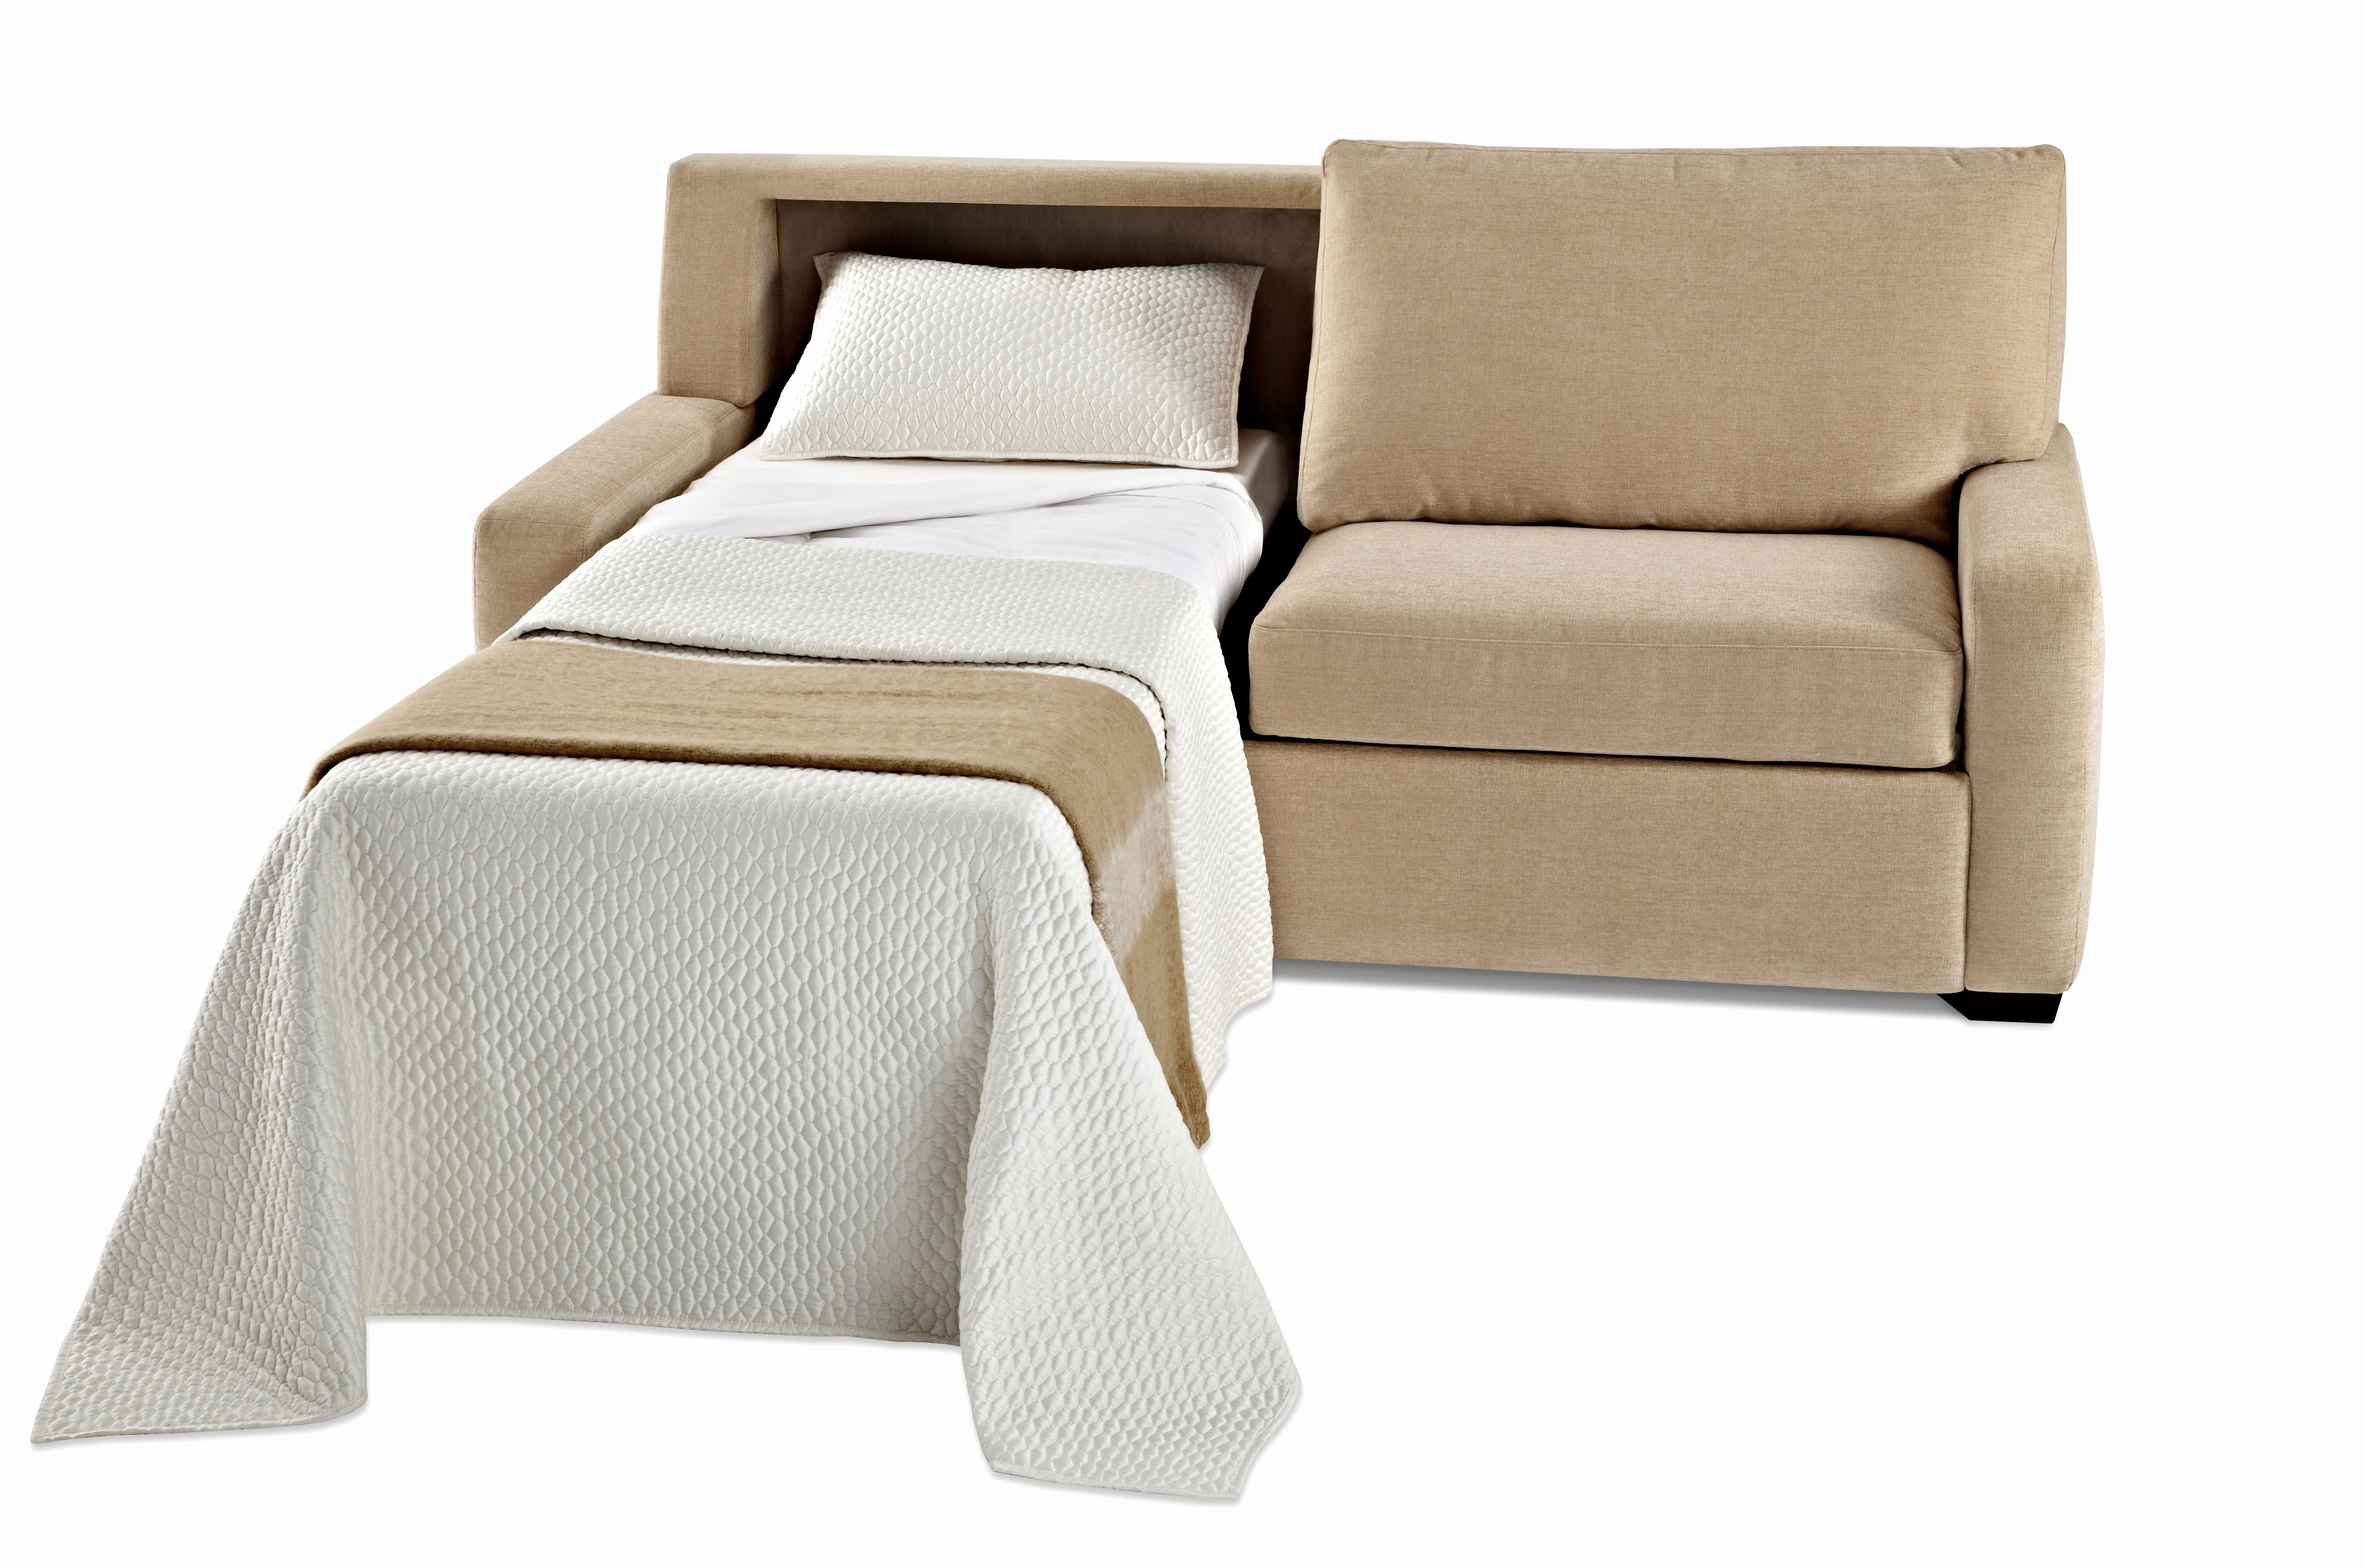 - Fresh Jennifer Convertibles Sleeper Sofa Art Jennifer Convertibles